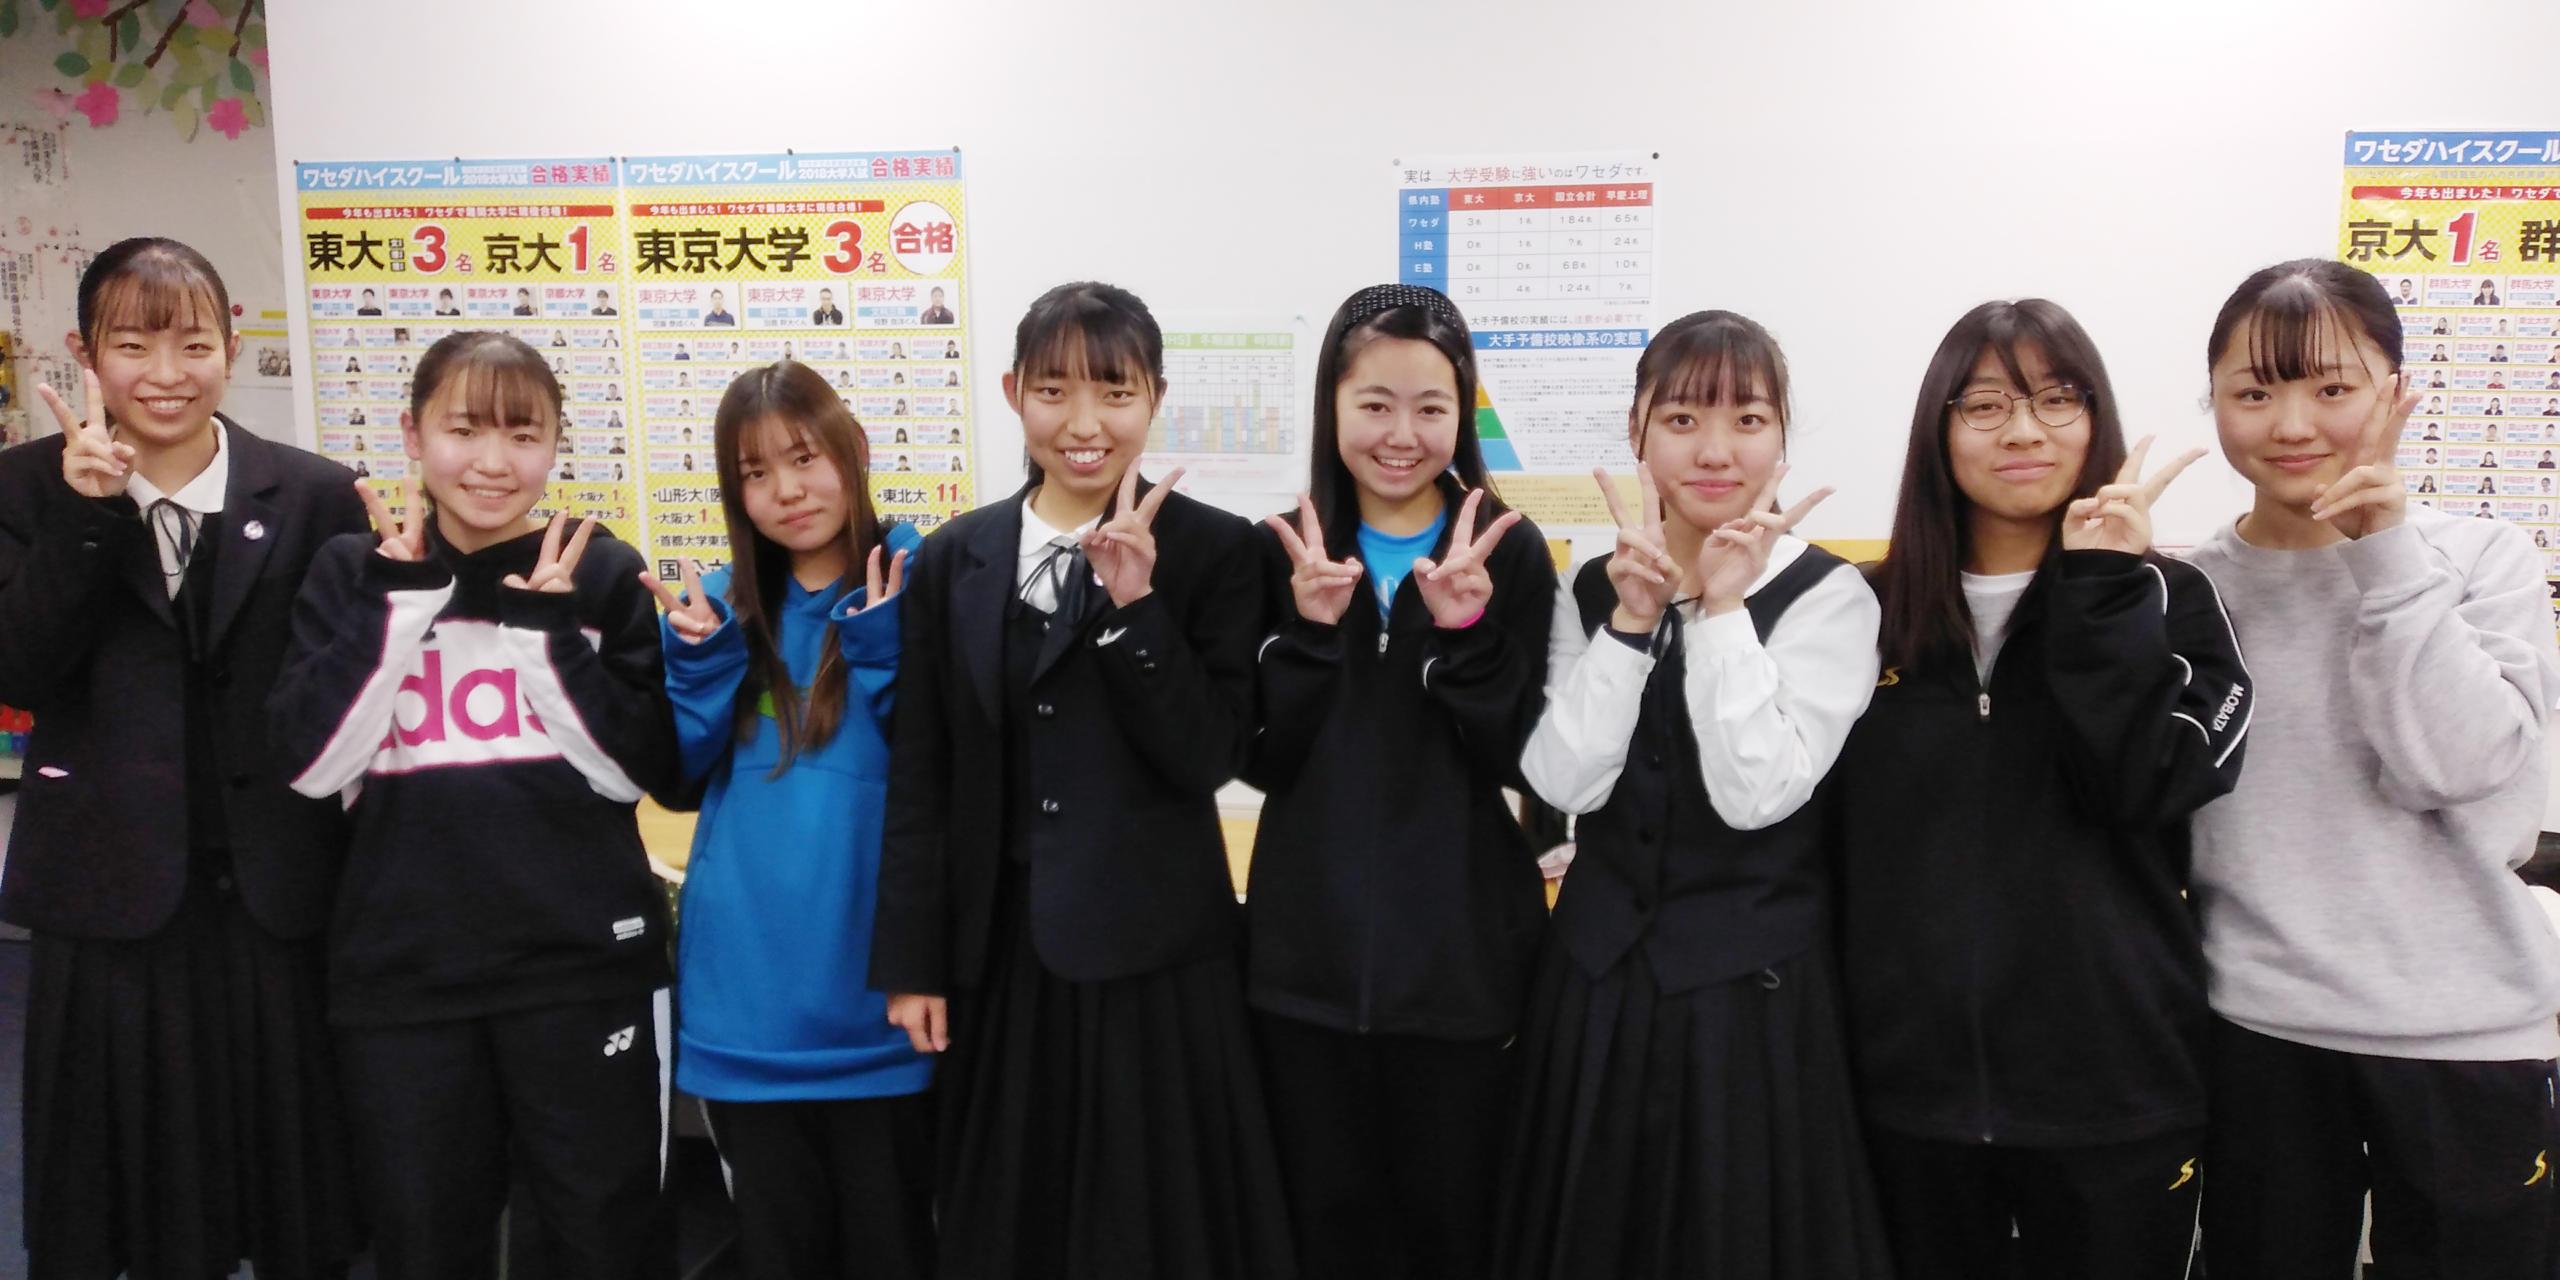 W早稲田ゼミ 太田ハイスクール